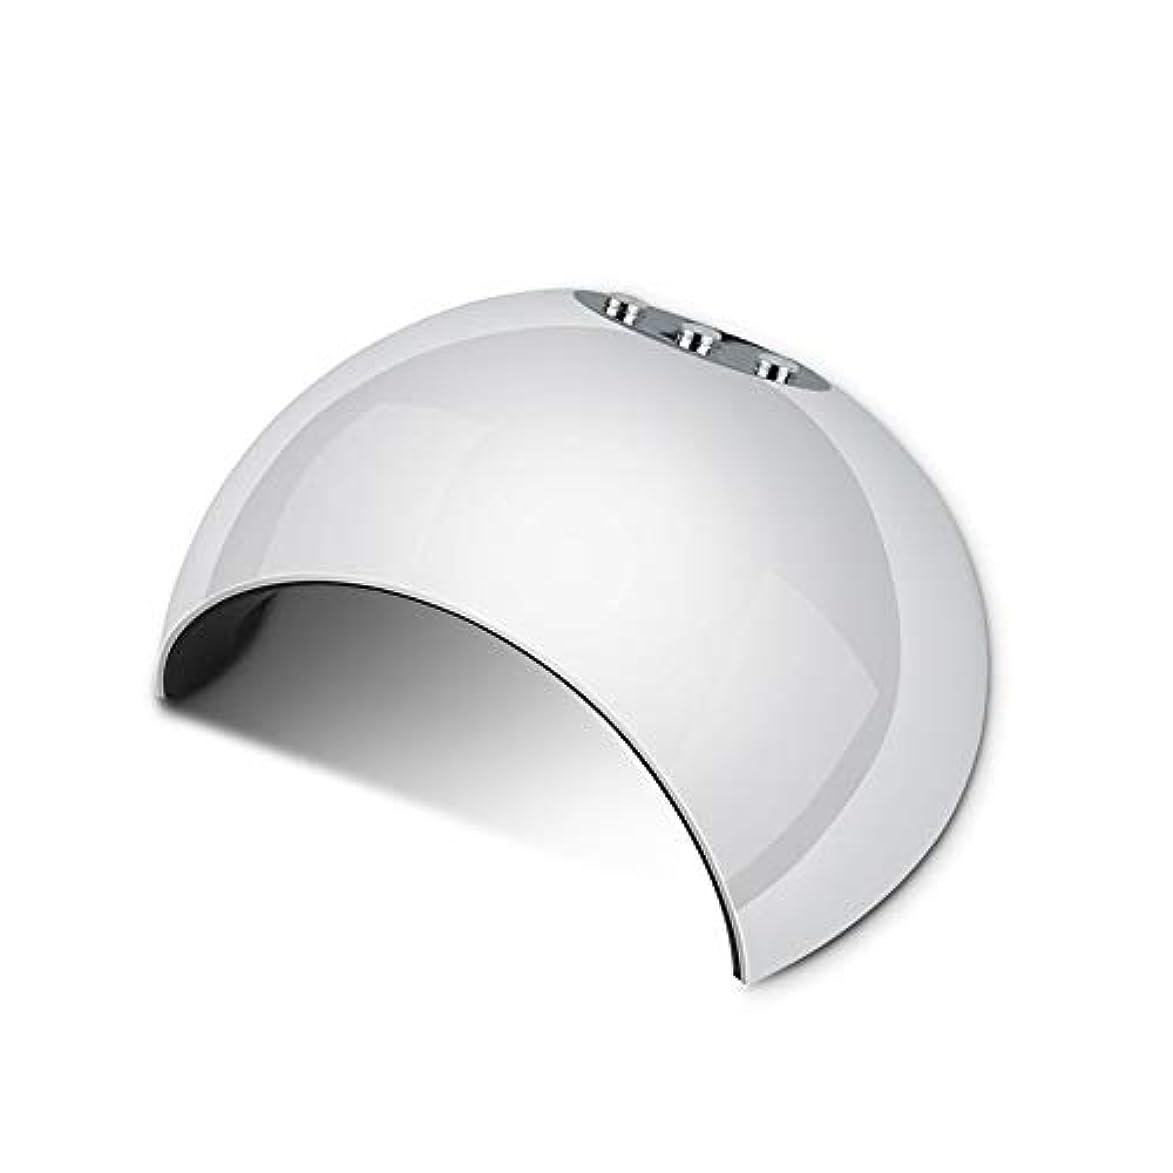 ハム任命適合LittleCat 第3ギヤユニットUSBネイルUVランプの下で24W釘のスマートセンシングのタイミング